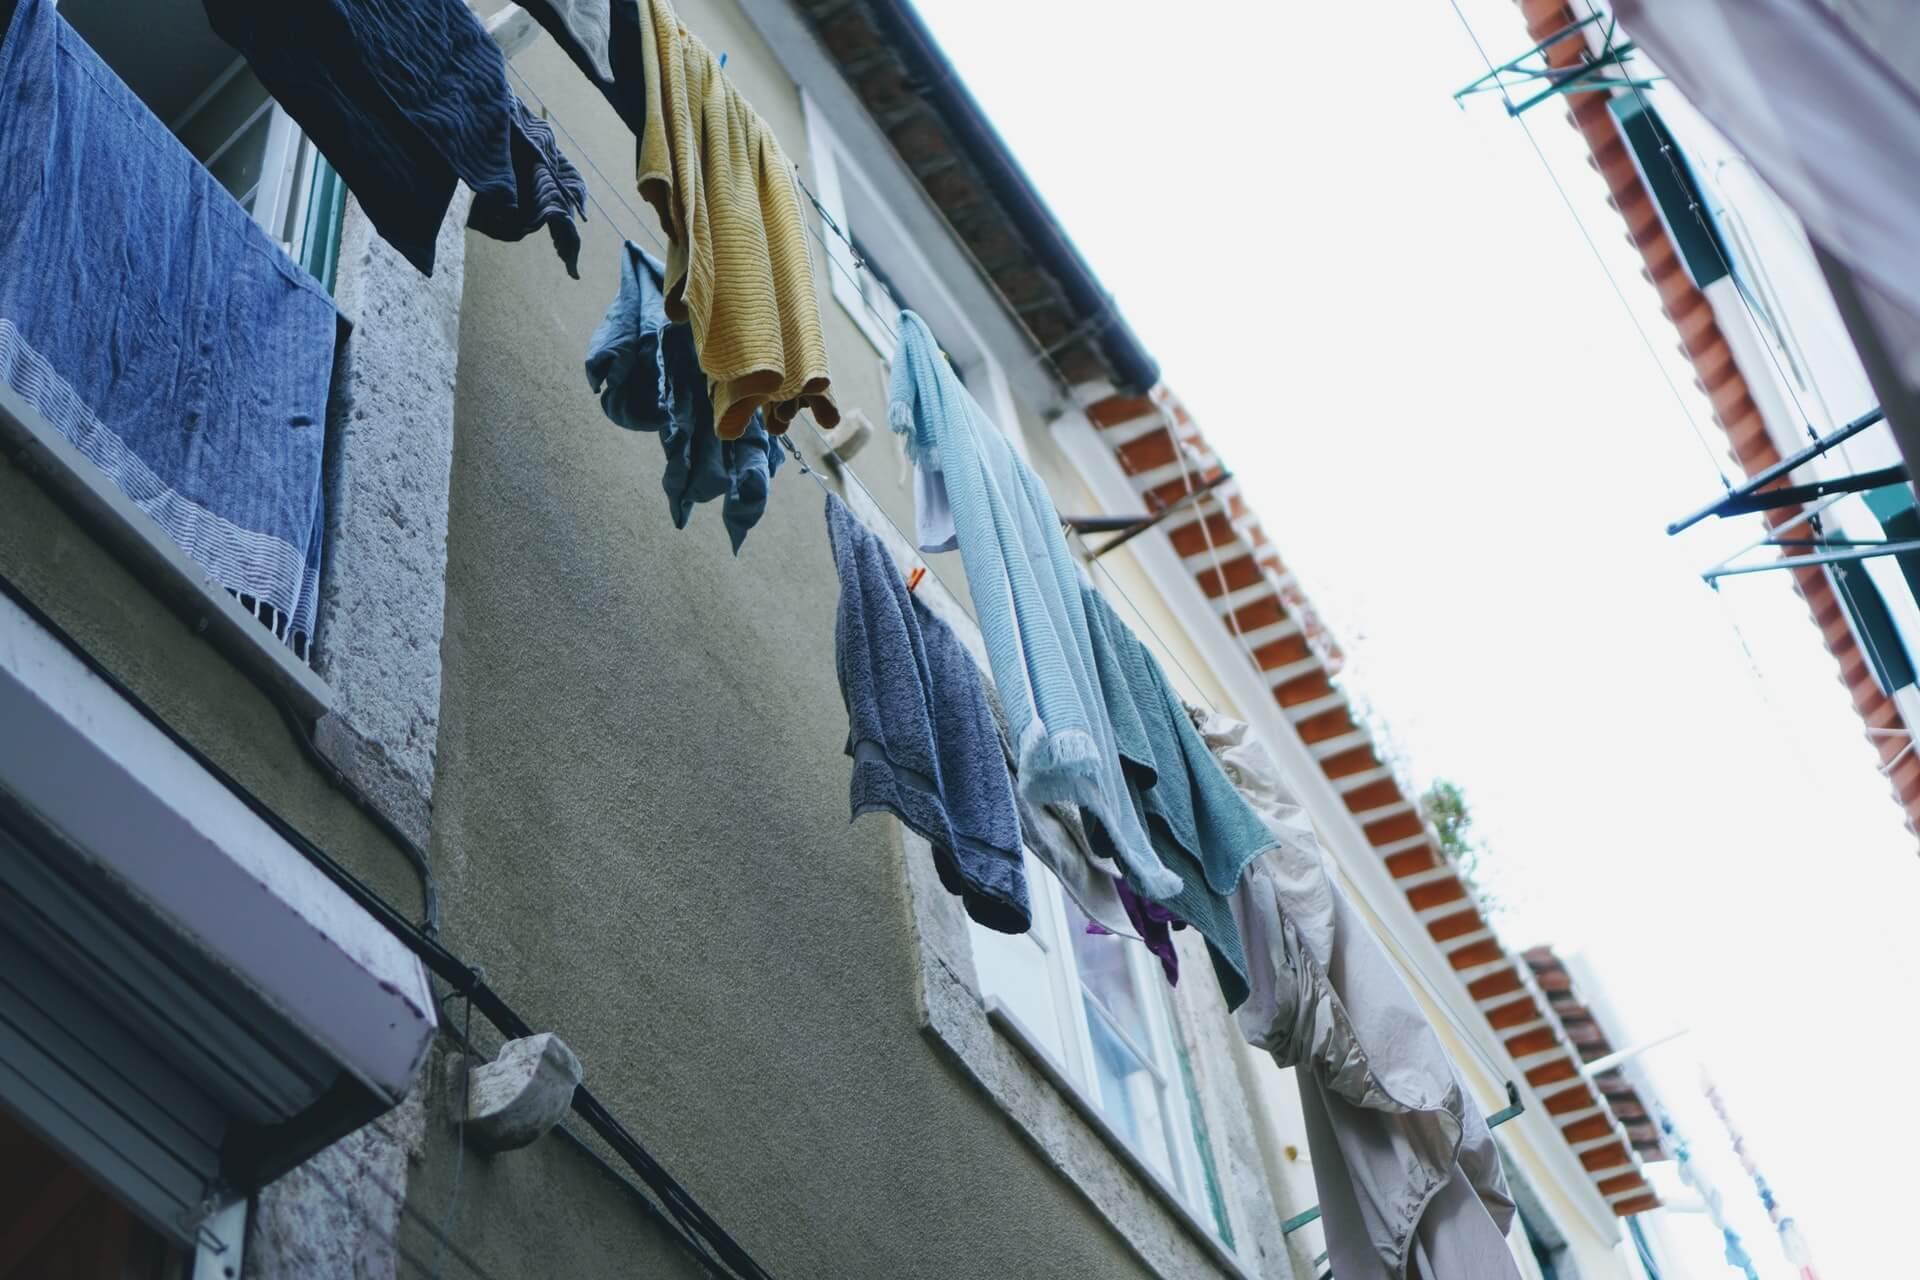 陰干しのやり方とは?いまさら聞けない洗濯の基礎知識をチェック